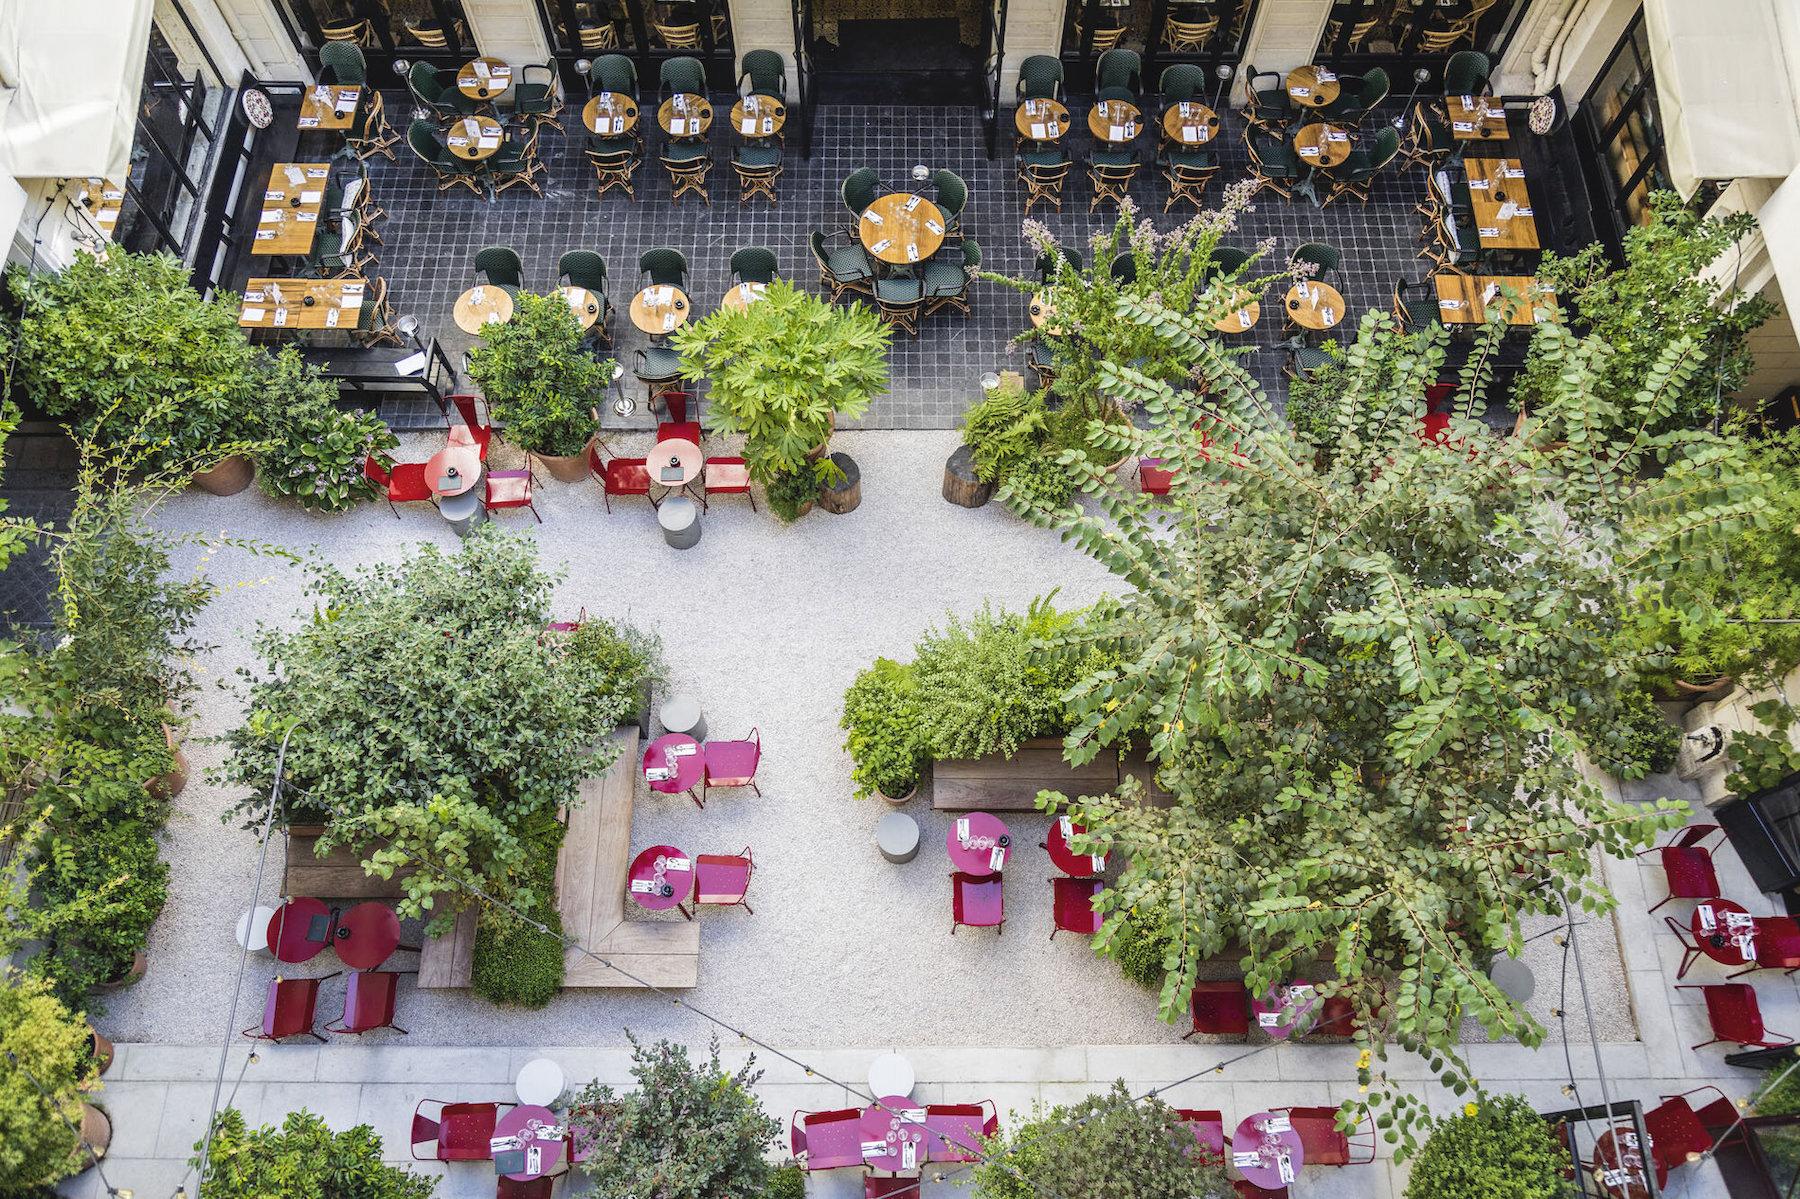 Notre agence de design sonore a travaillé l'ambiance musicale du restaurant BAMBOU PARIS